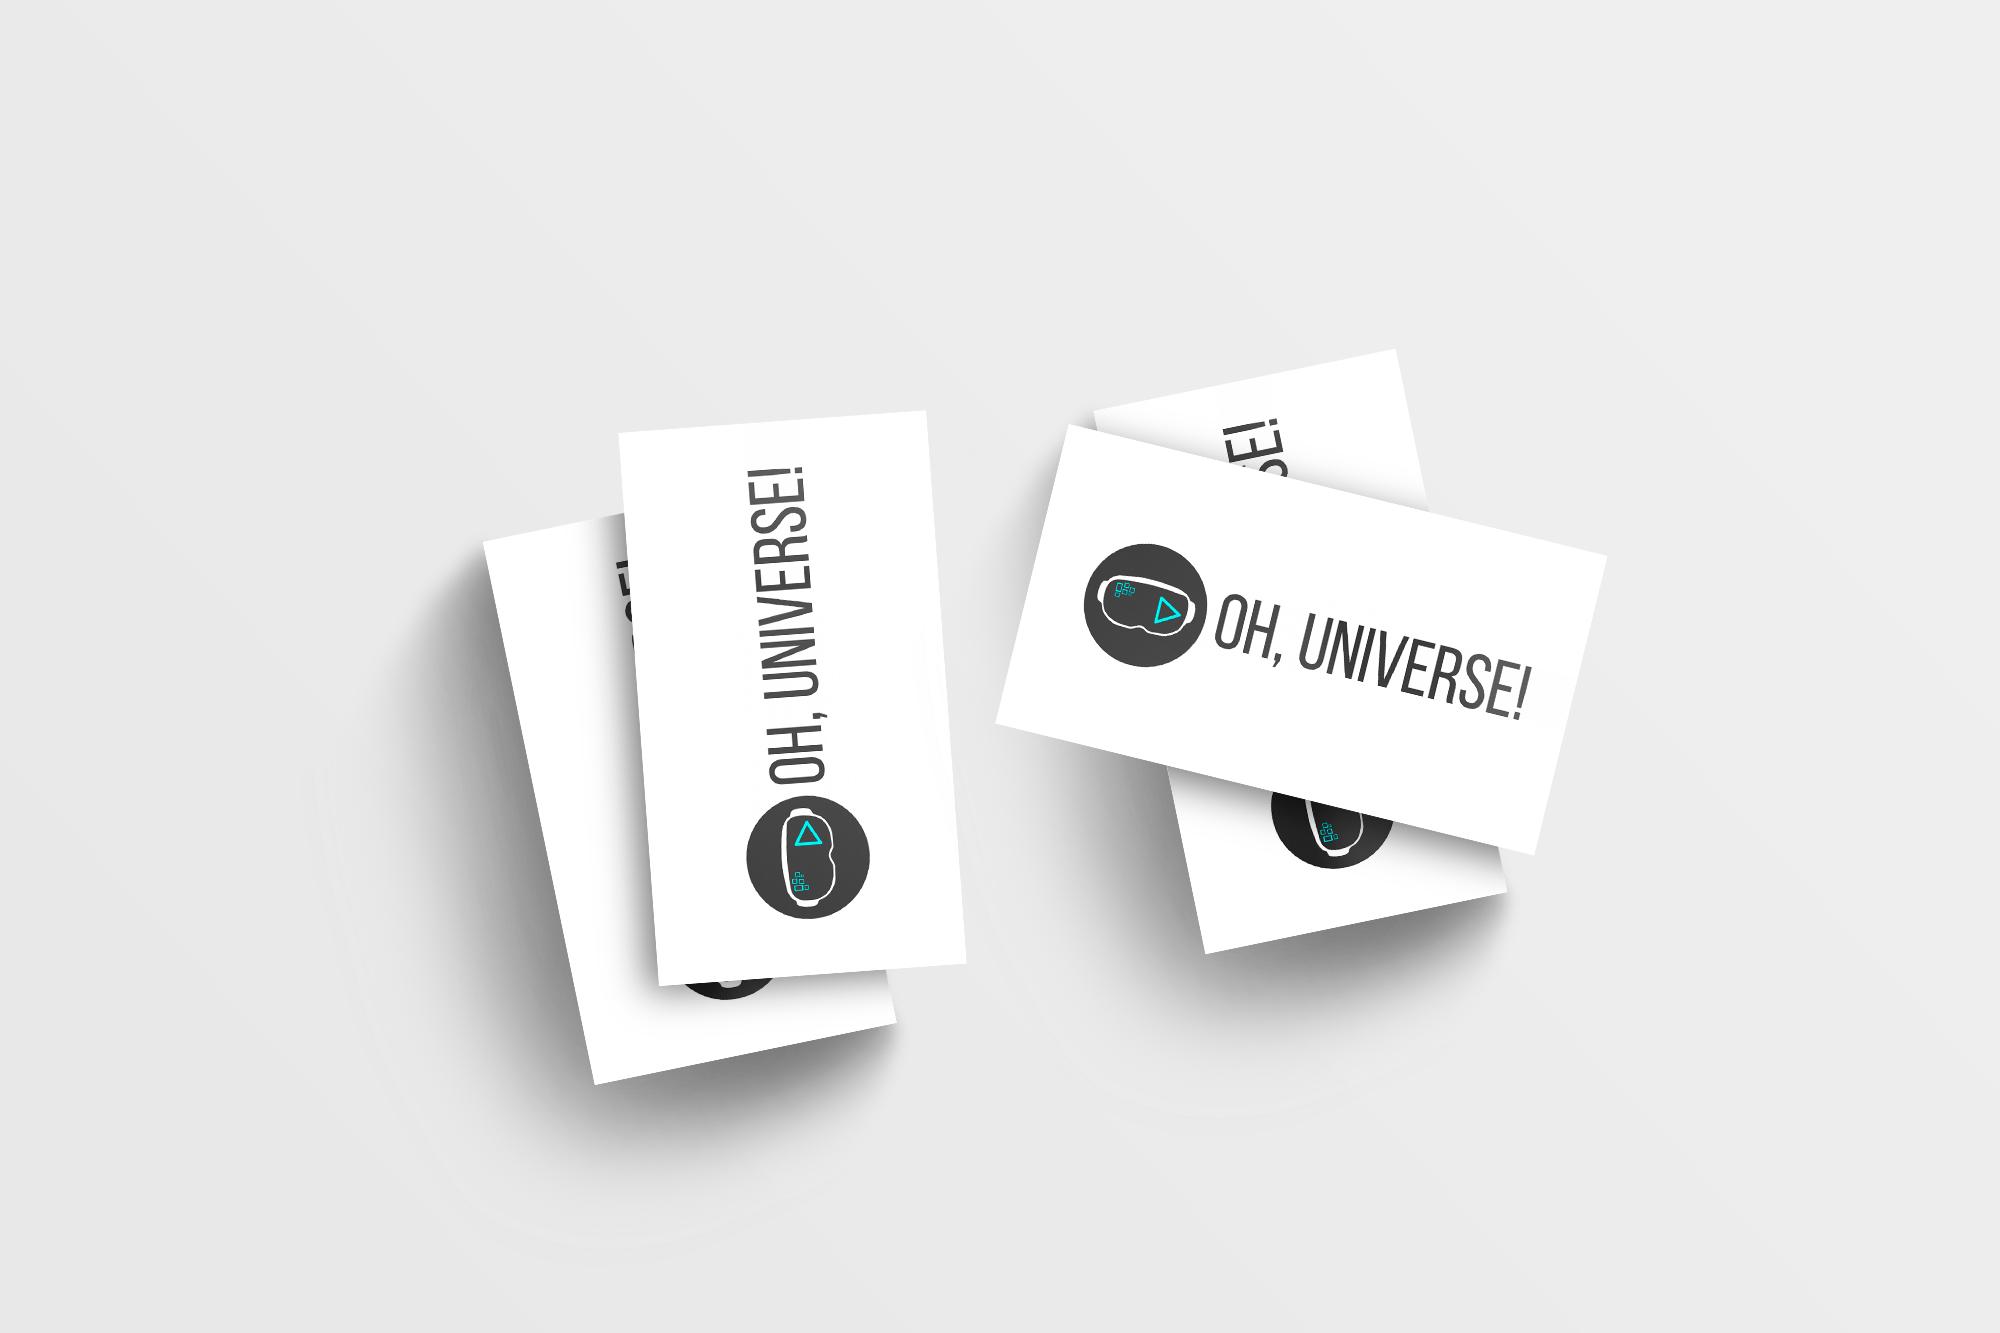 Разработка лого, фирменного стиля фото f_6295acc9cc667602.jpg